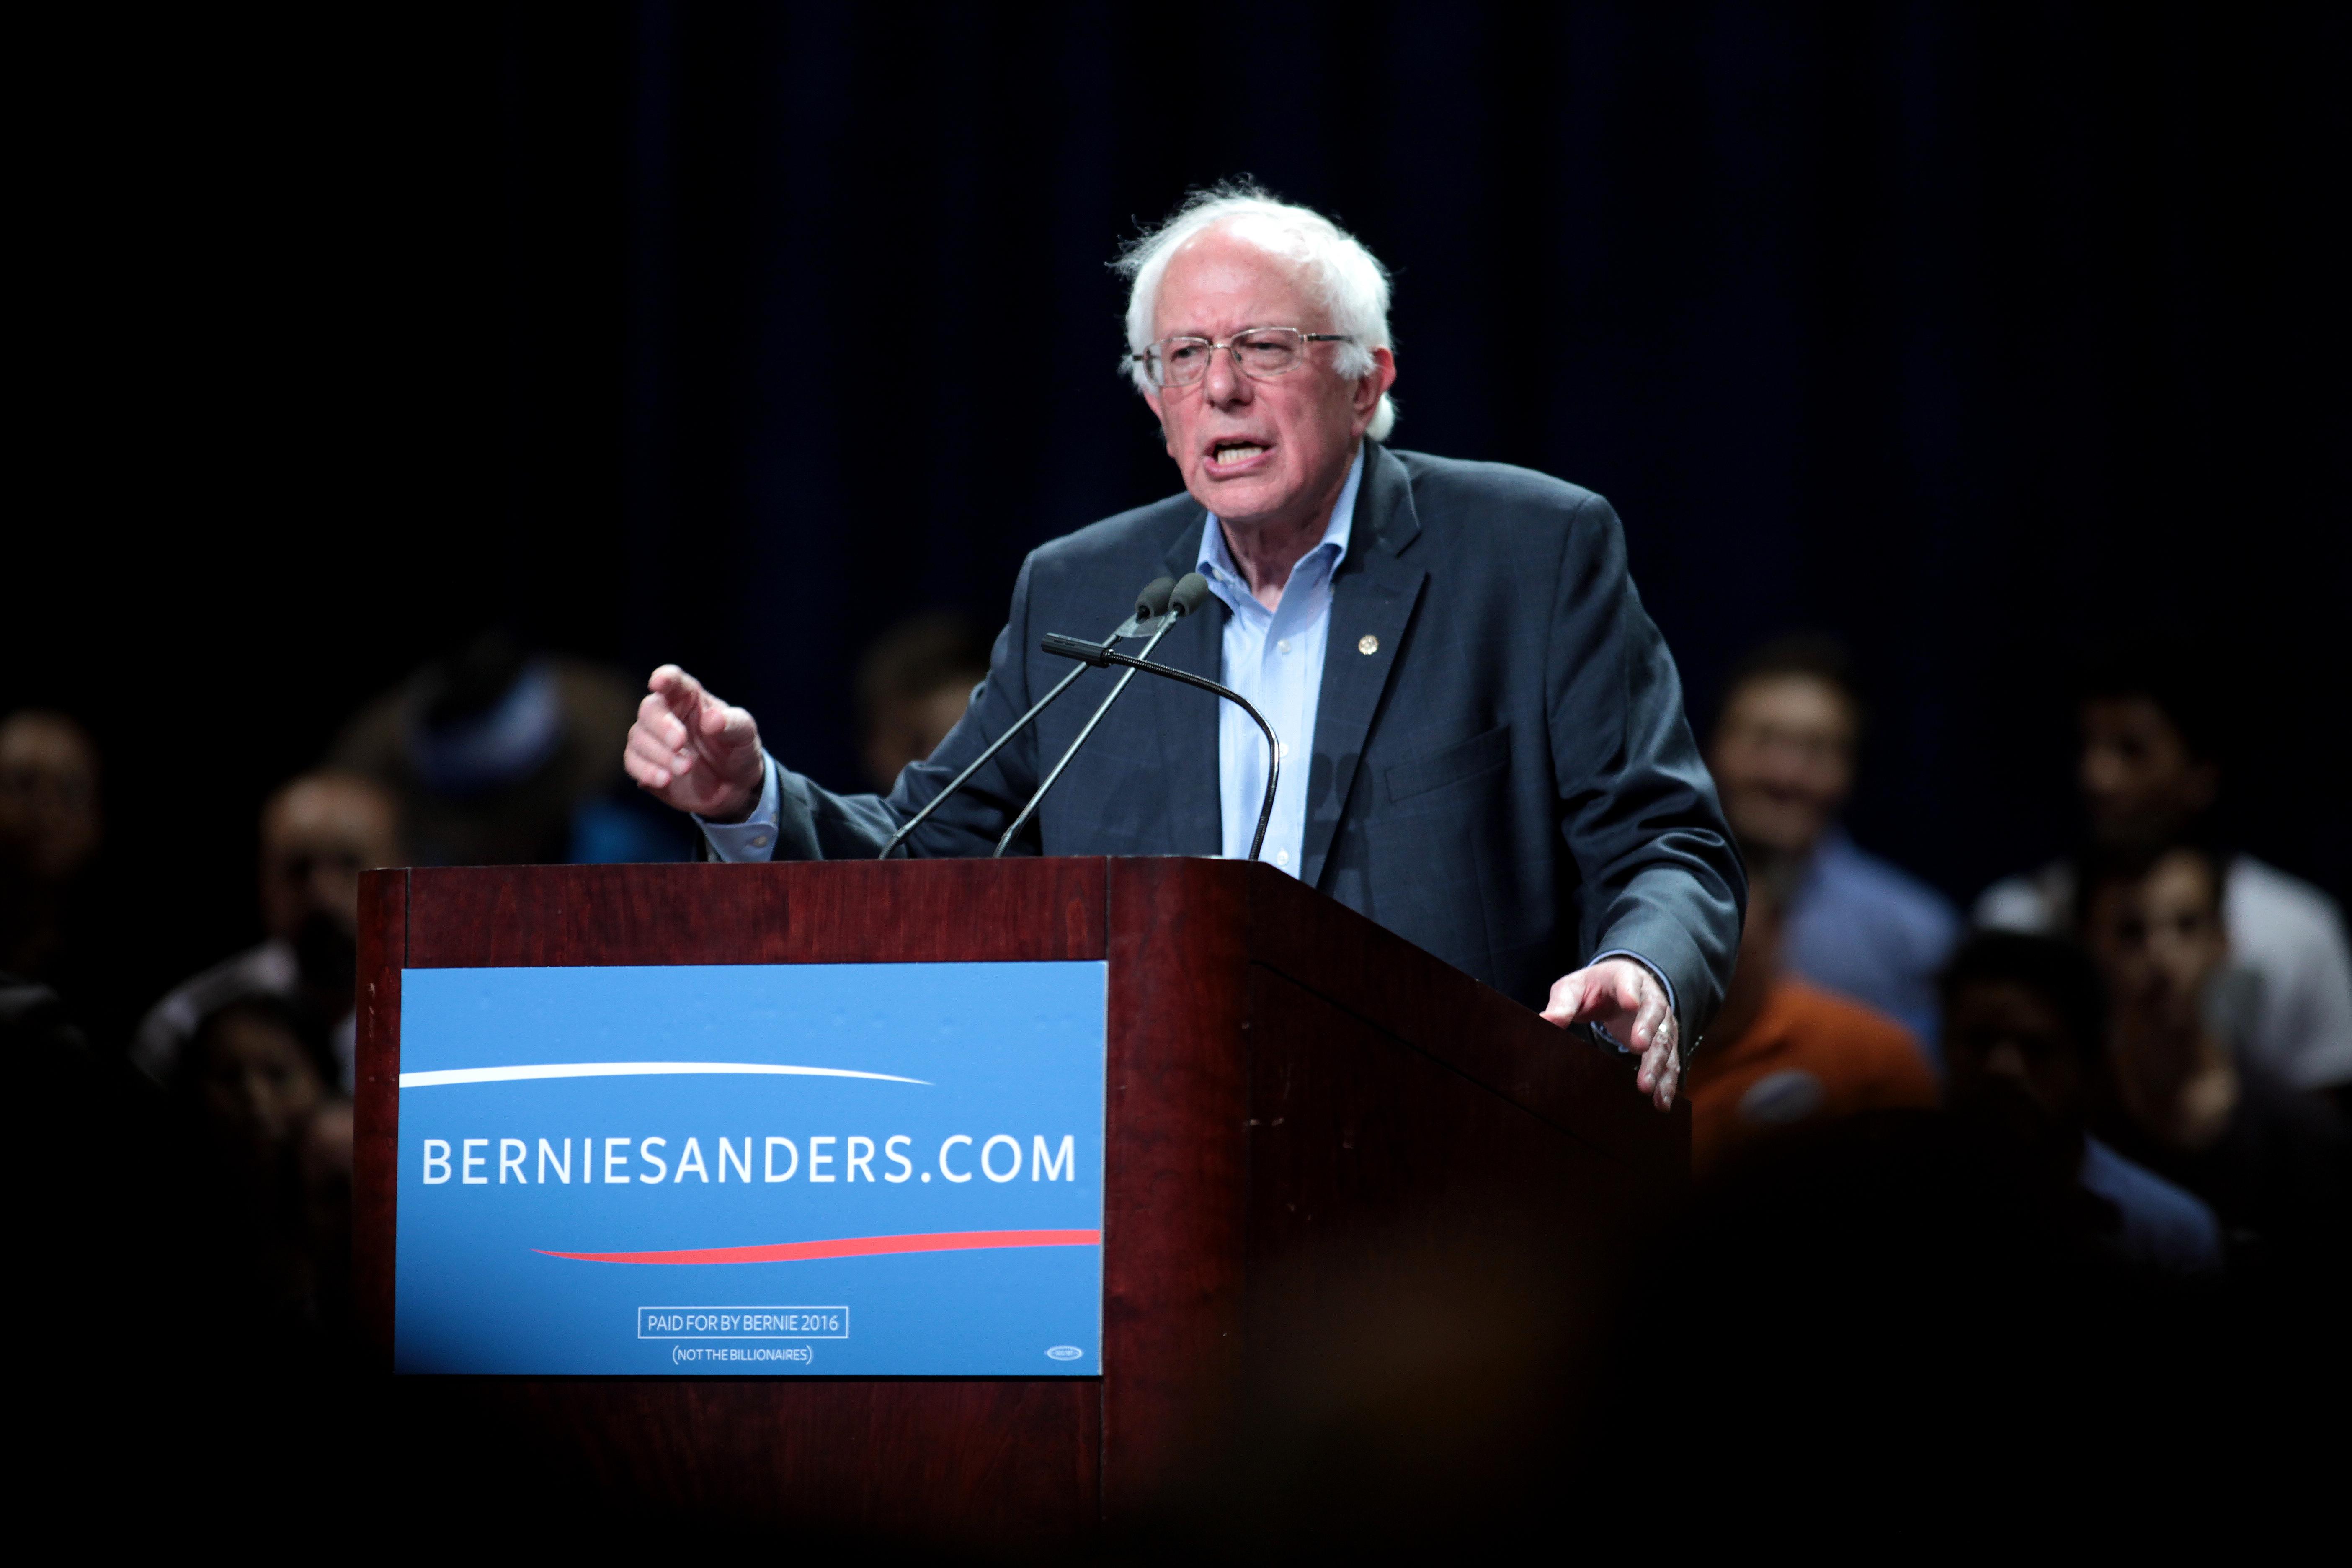 Bernie Sanders speaking at Phoenix rally